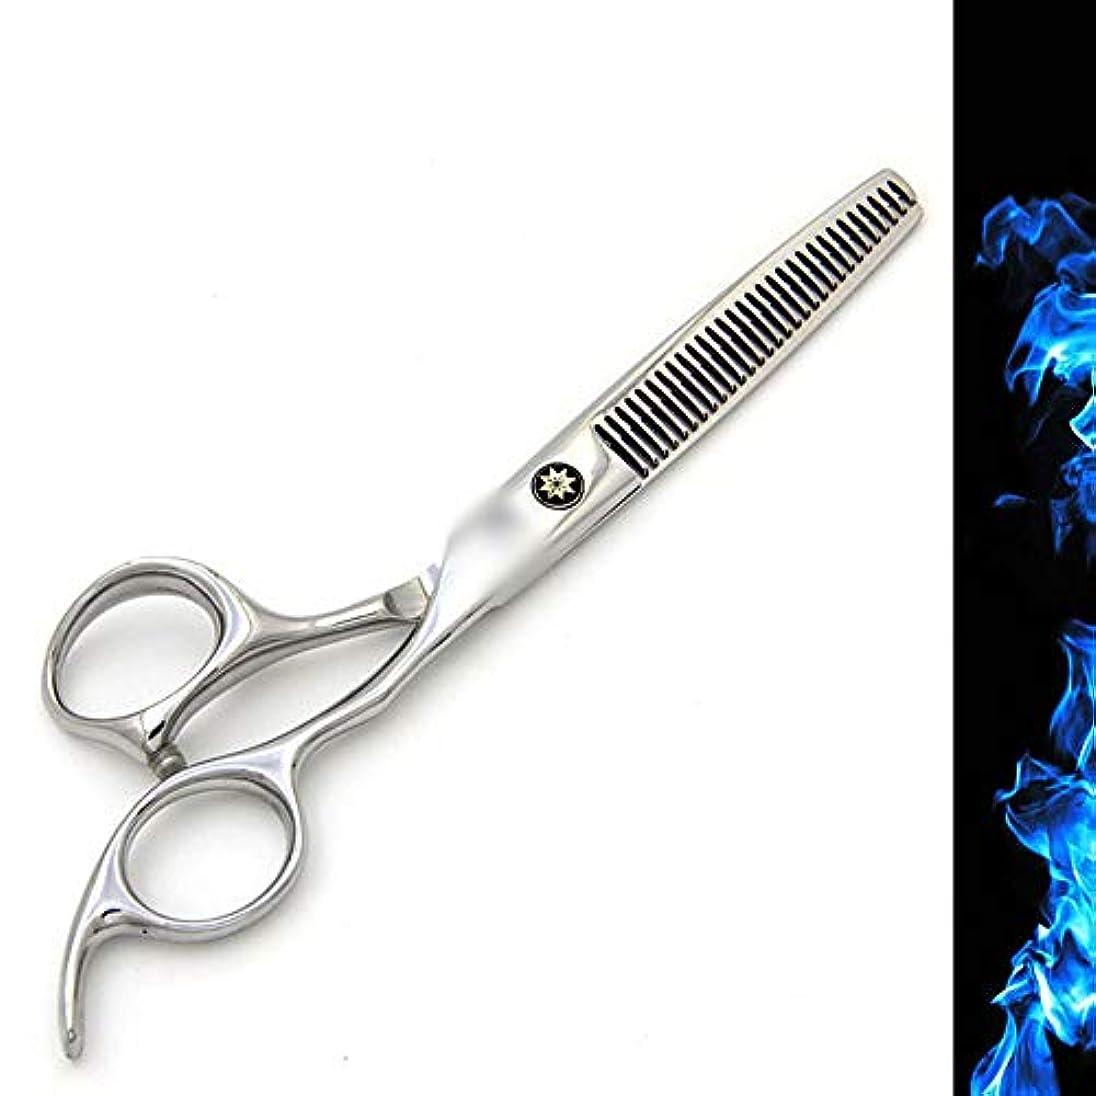 適度な未来インシデント6インチ美容院プロフェッショナル理髪セット、理髪はさみフラット+歯せん断高品位本物のセット ヘアケア (色 : Silver)